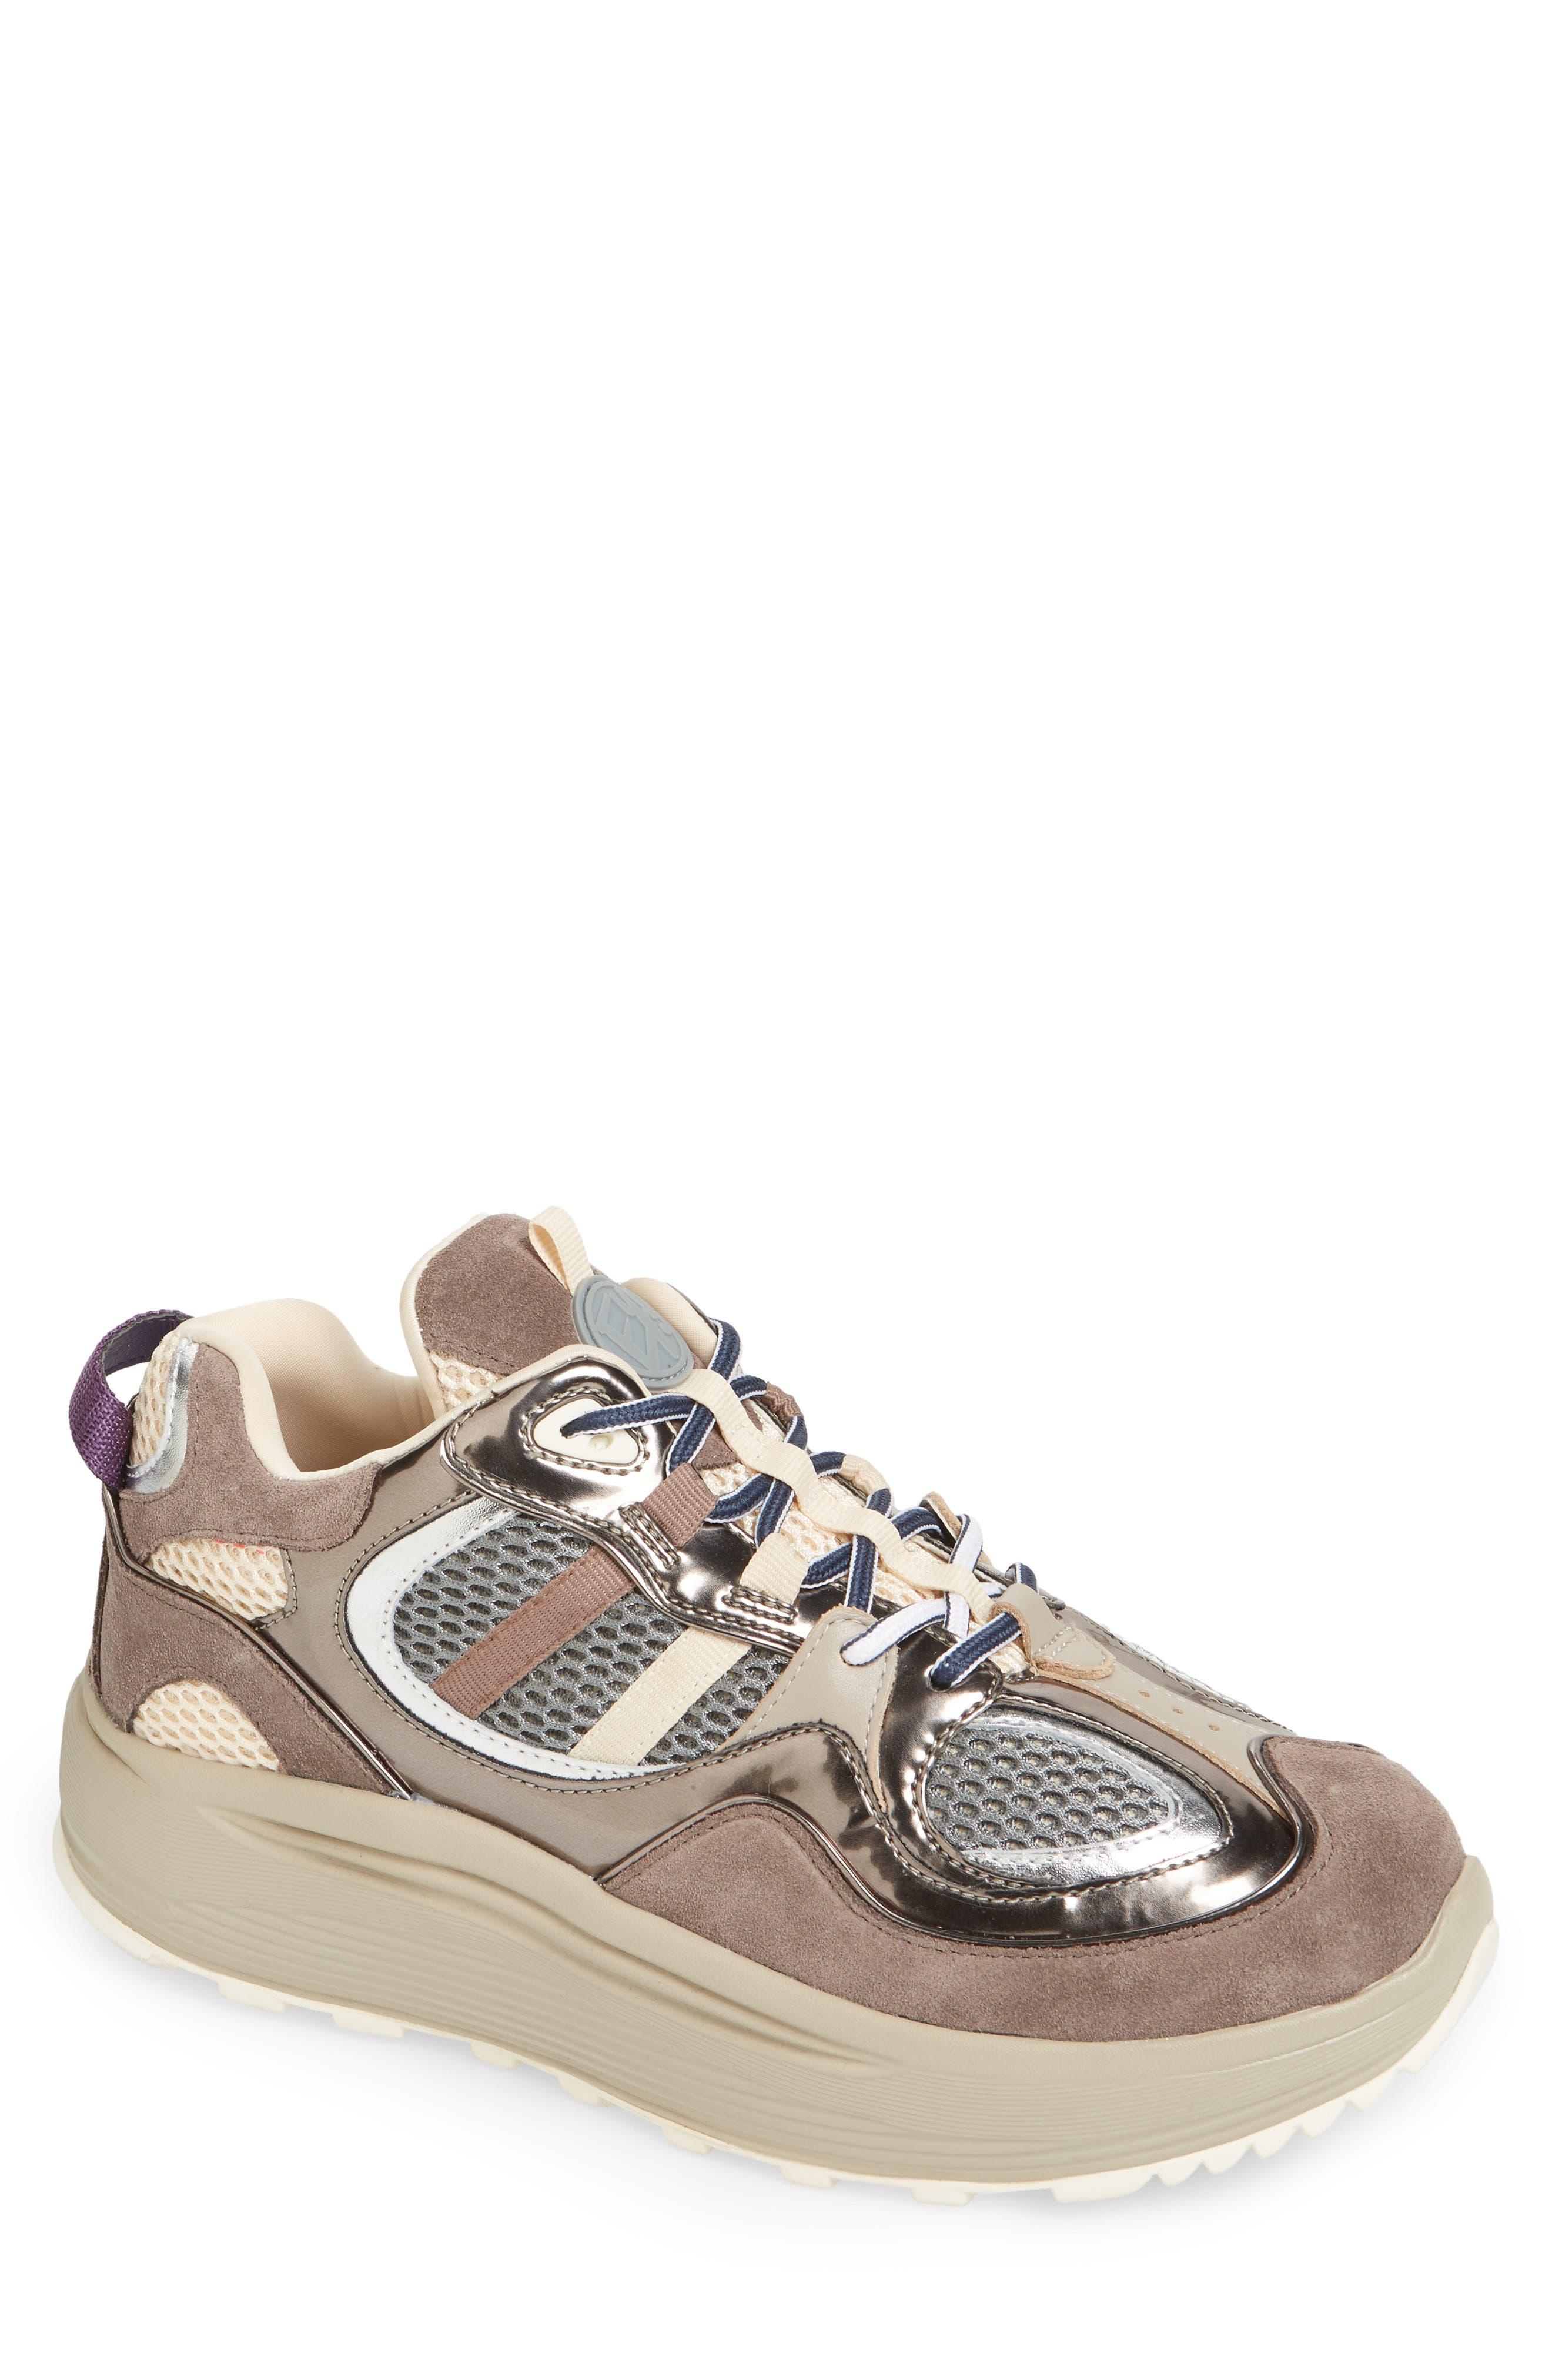 Jet Turbo Flatform Sneaker,                             Main thumbnail 1, color,                             060